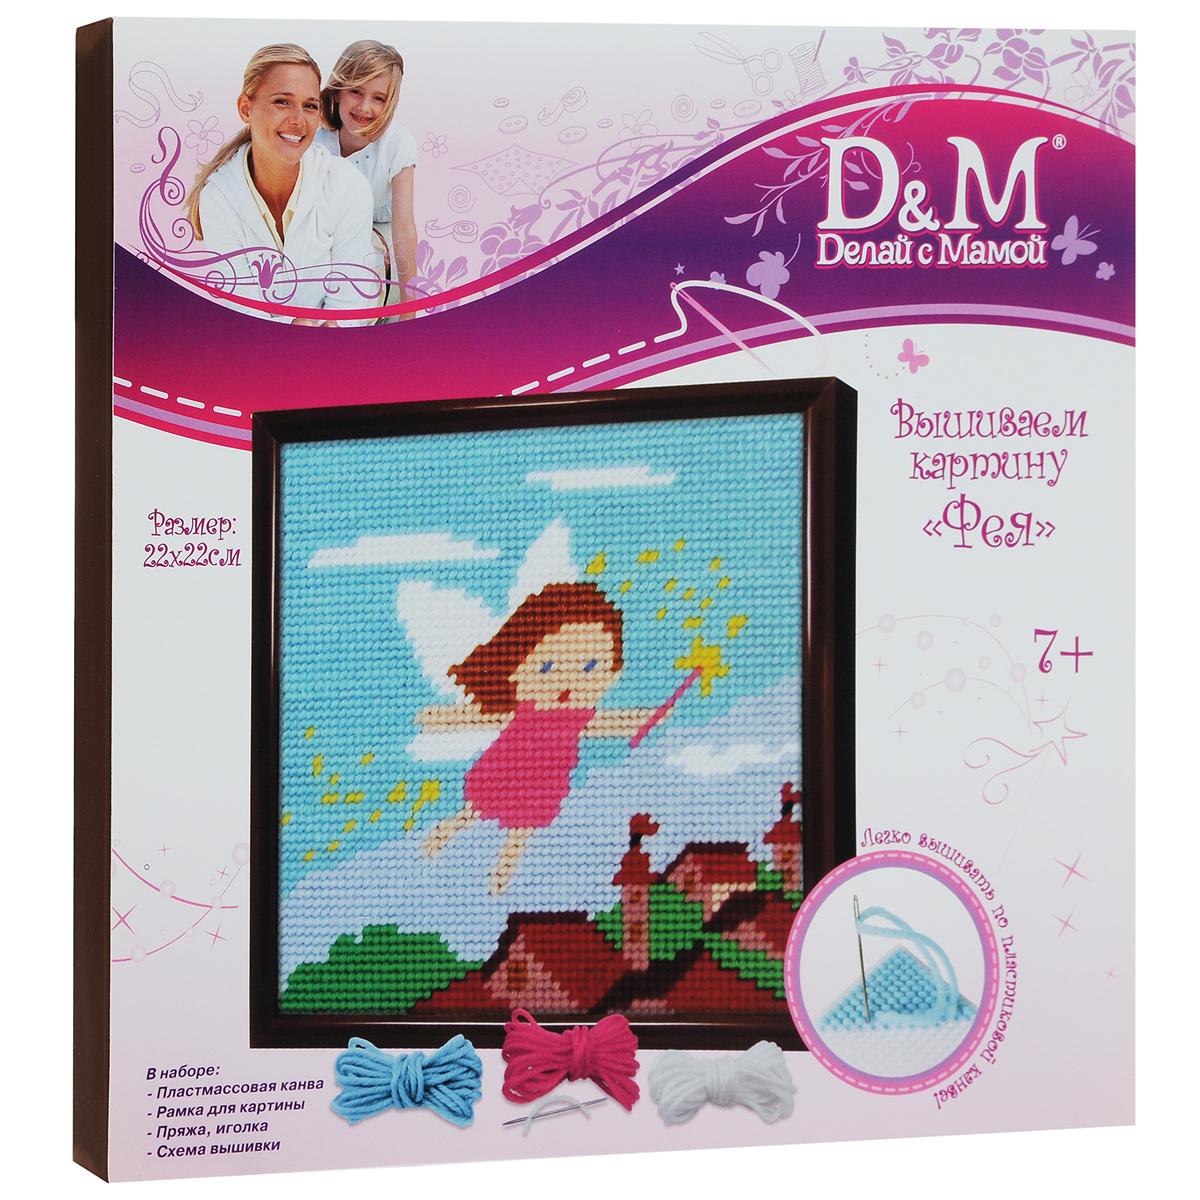 """Набор для вышивания D&M """"Фея"""" позволит вашему ребенку самостоятельно создать красивую картинку с изображением прелестной феи. Набор включает в себя пластиковую канву, рамку для картинки, акриловую пряжу 13 цветов, металлическую иглу и цветную схему вышивки с инструкцией на русском языке. Картинка, созданная своими руками, станет прекрасным украшением интерьера детской комнаты или послужит замечательным подарком для друзей и близких! Рекомендуемый возраст: от 7 лет."""